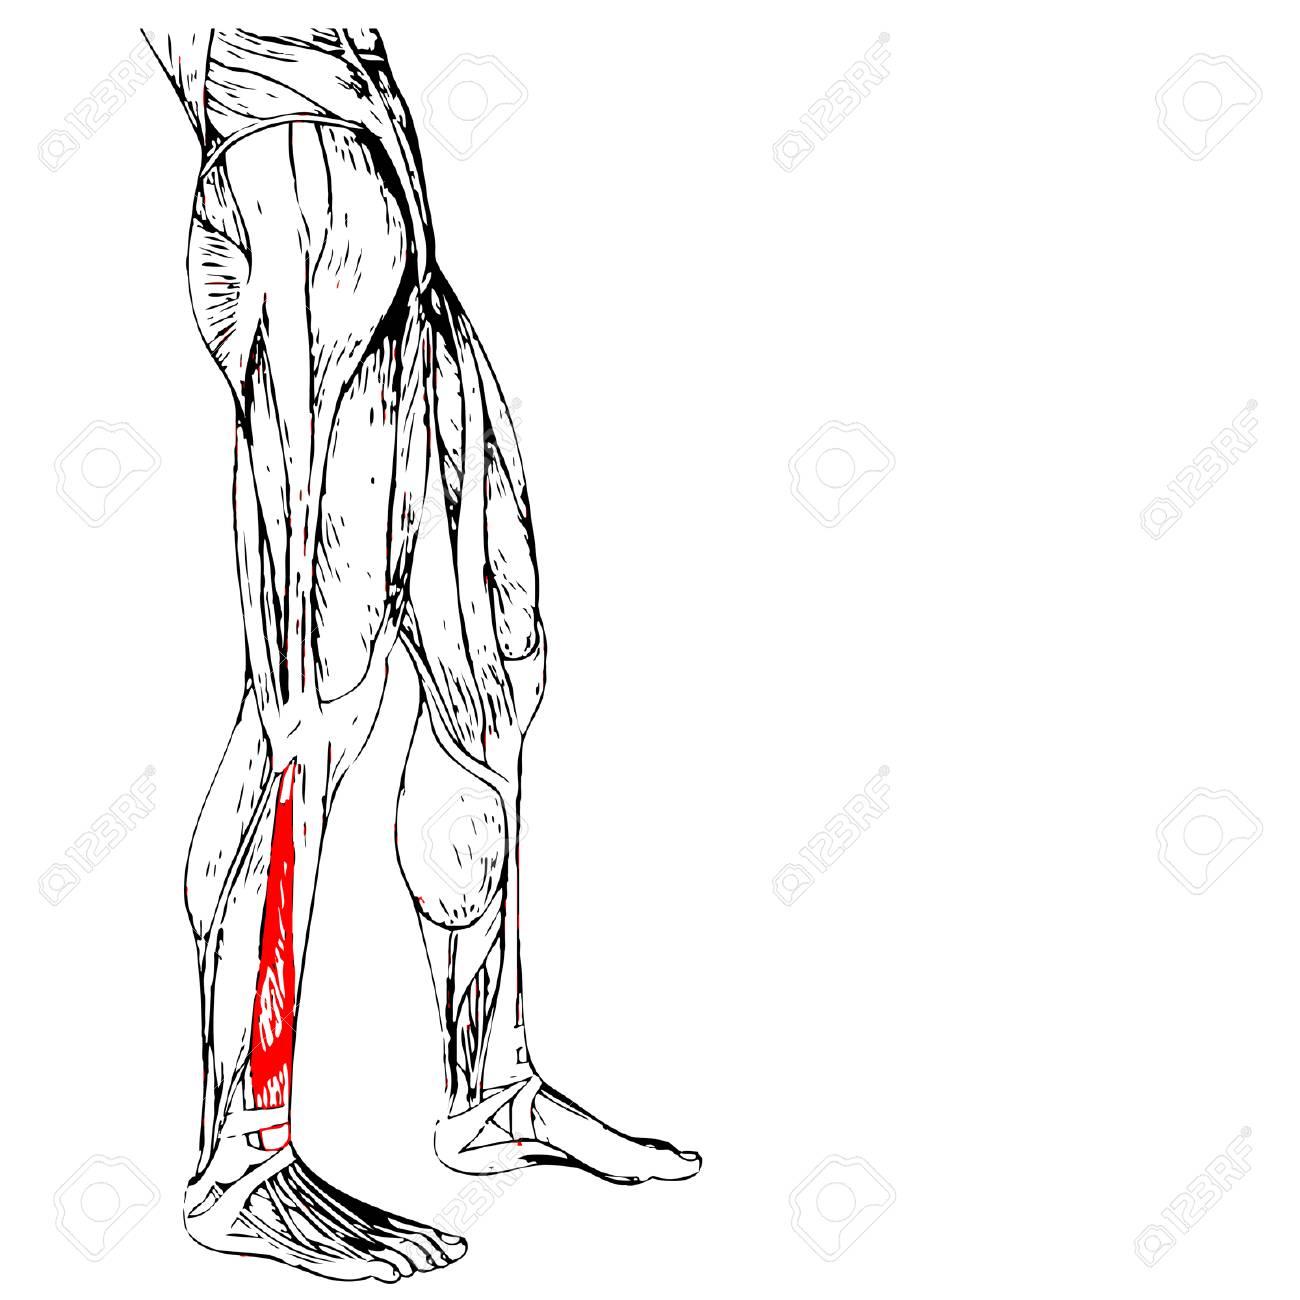 Concepto O Conceptual Humana 3D Anatomía Inferior De La Pierna O ...